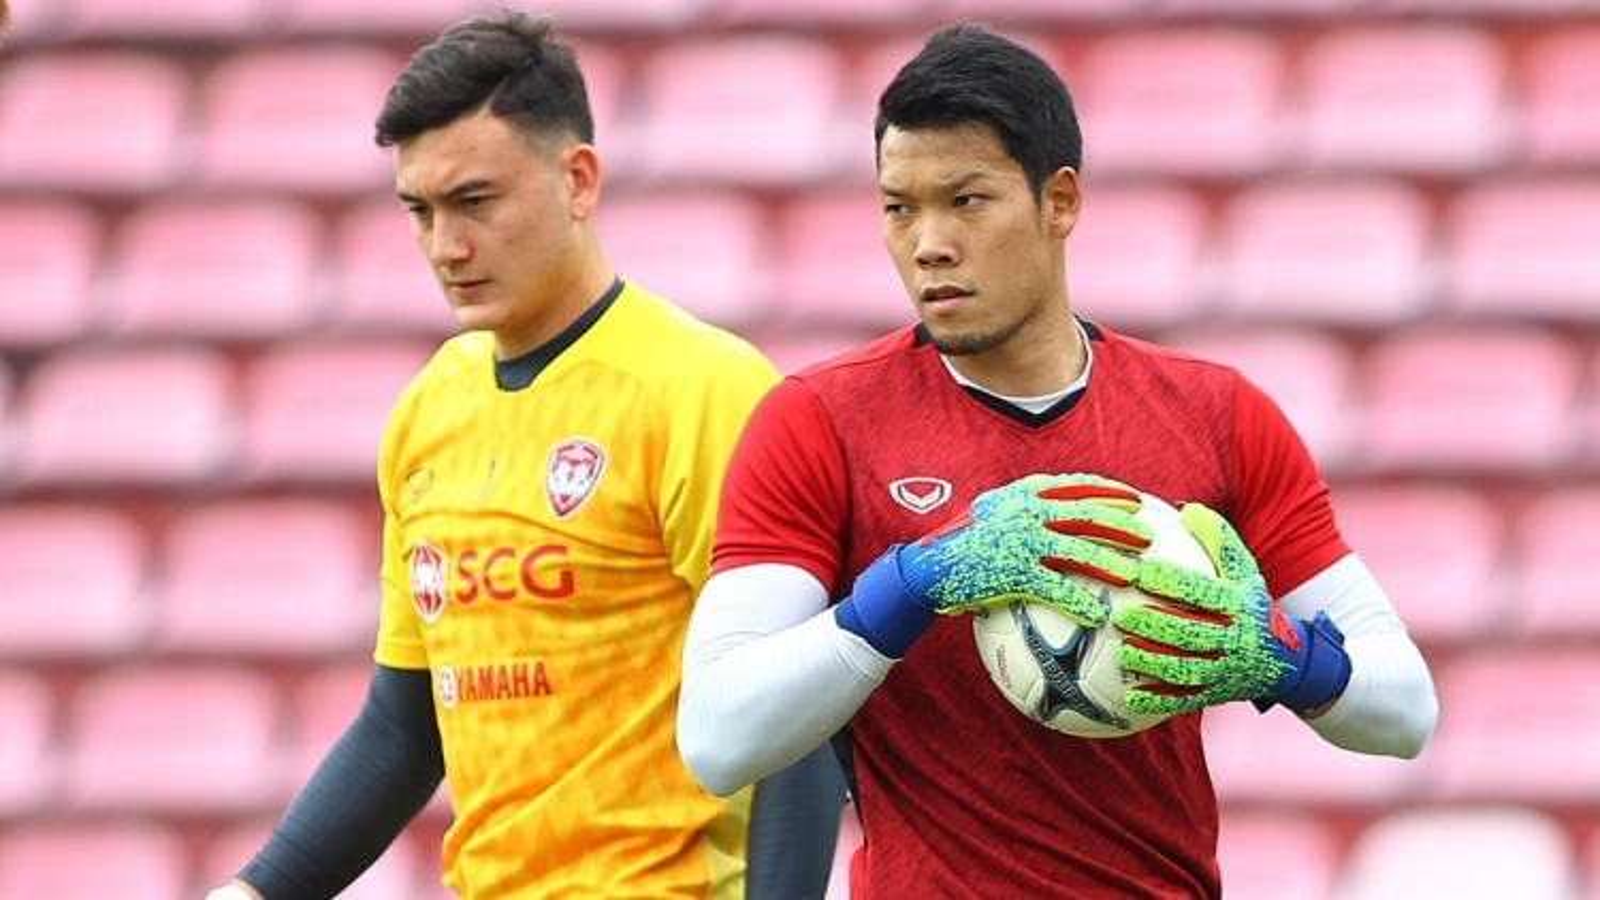 Muangthong tái hợp với thủ môn ĐT Thái Lan, Đặng Văn Lâm trở lại HAGL?